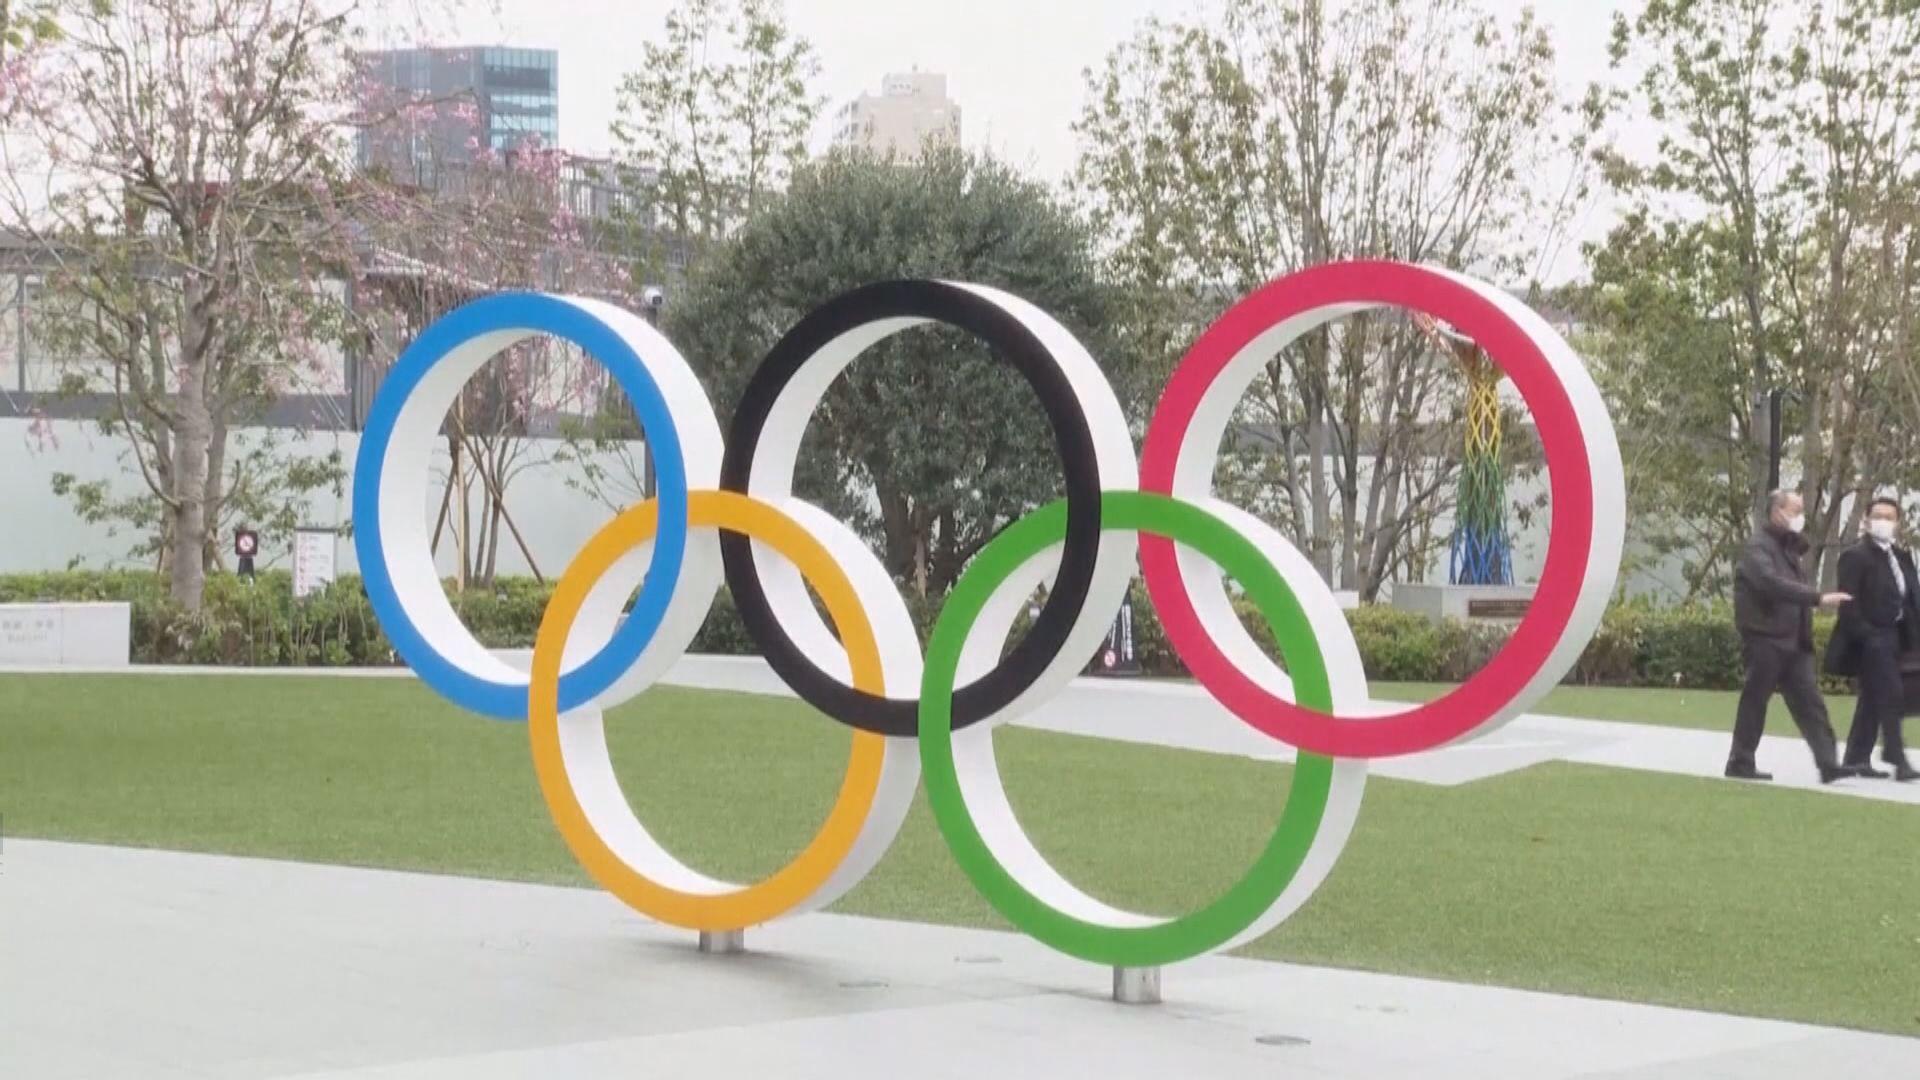 東京奧組委主席稱支持開放觀眾入場 一萬人為上限